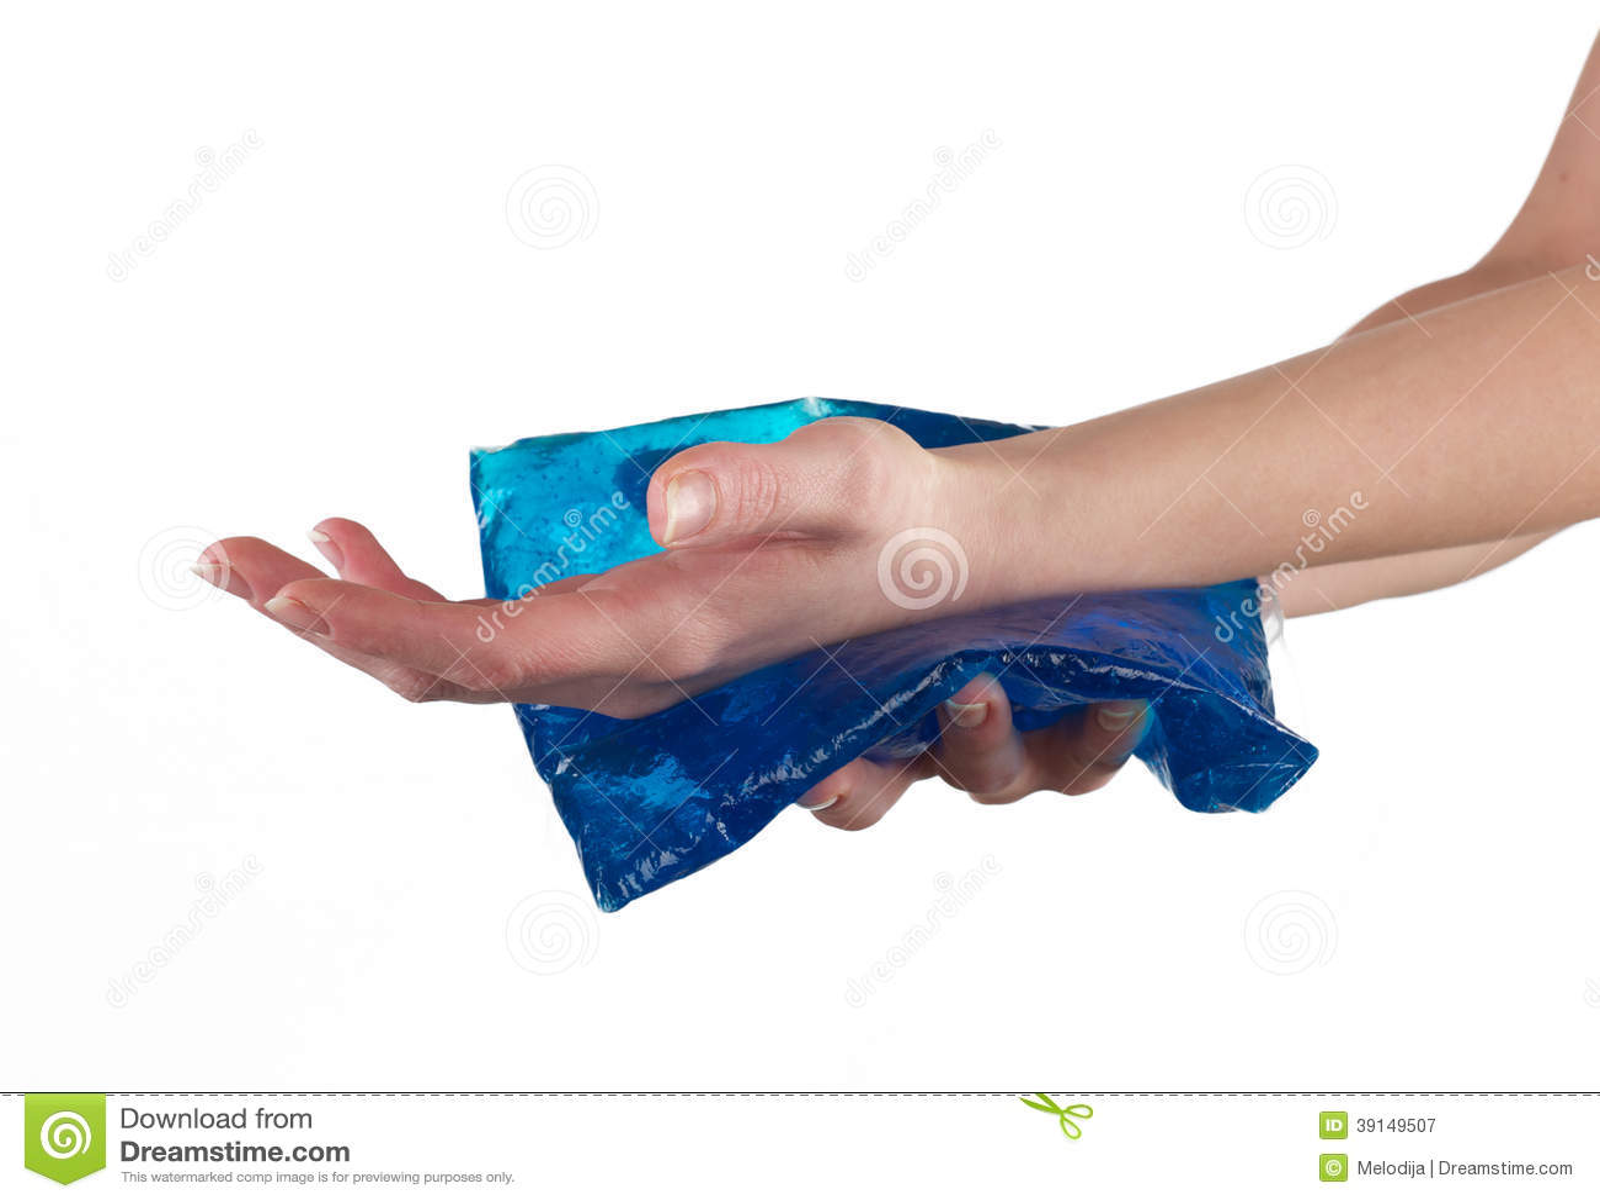 Il gel fresco ingrassa un polso danneggiante gonfiato.